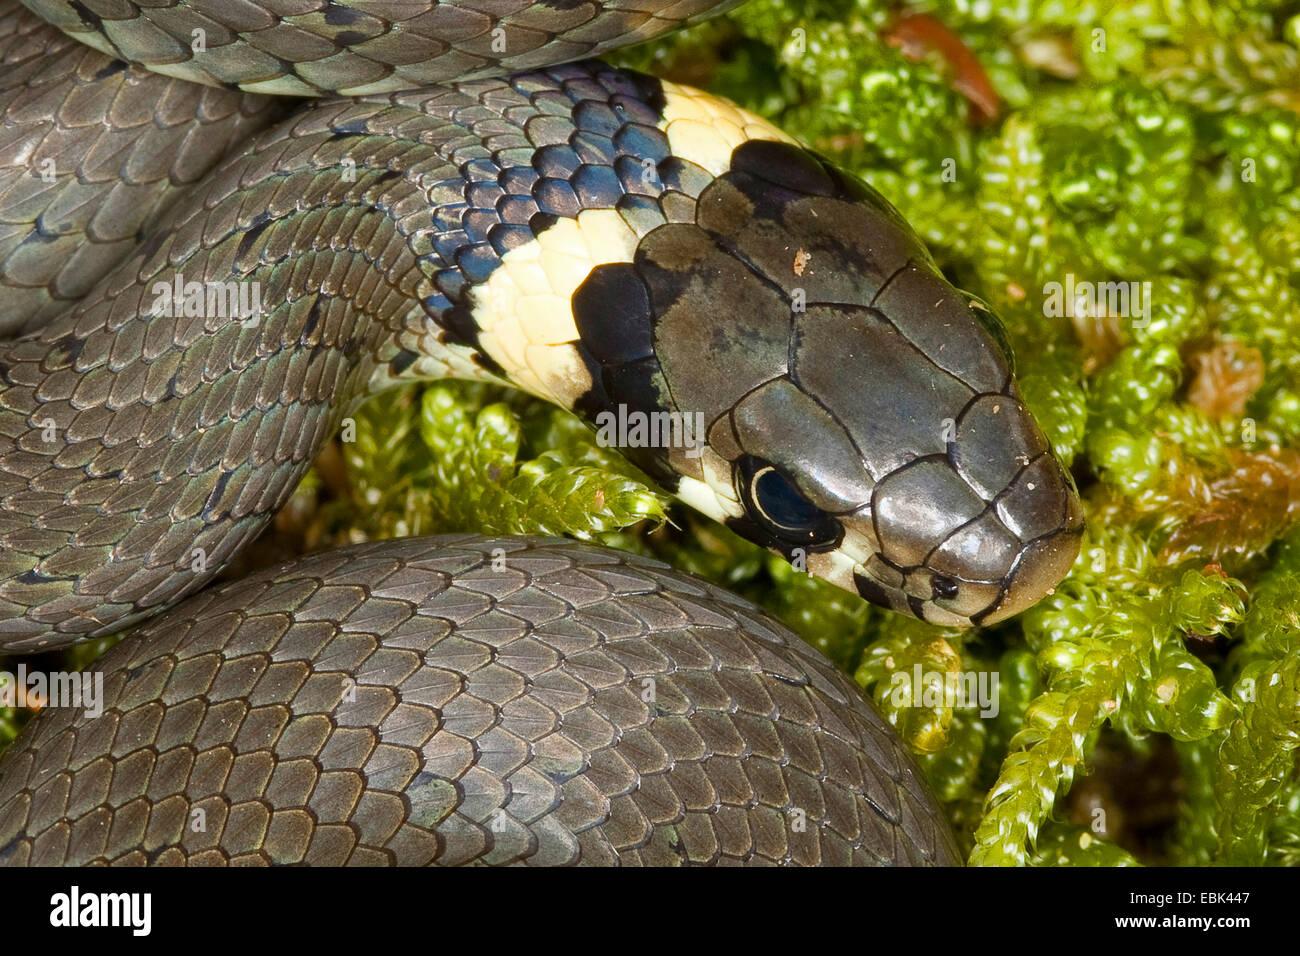 Biscia dal collare (Natrix natrix), la testa di un animale che giace sul muschio, Germania Immagini Stock